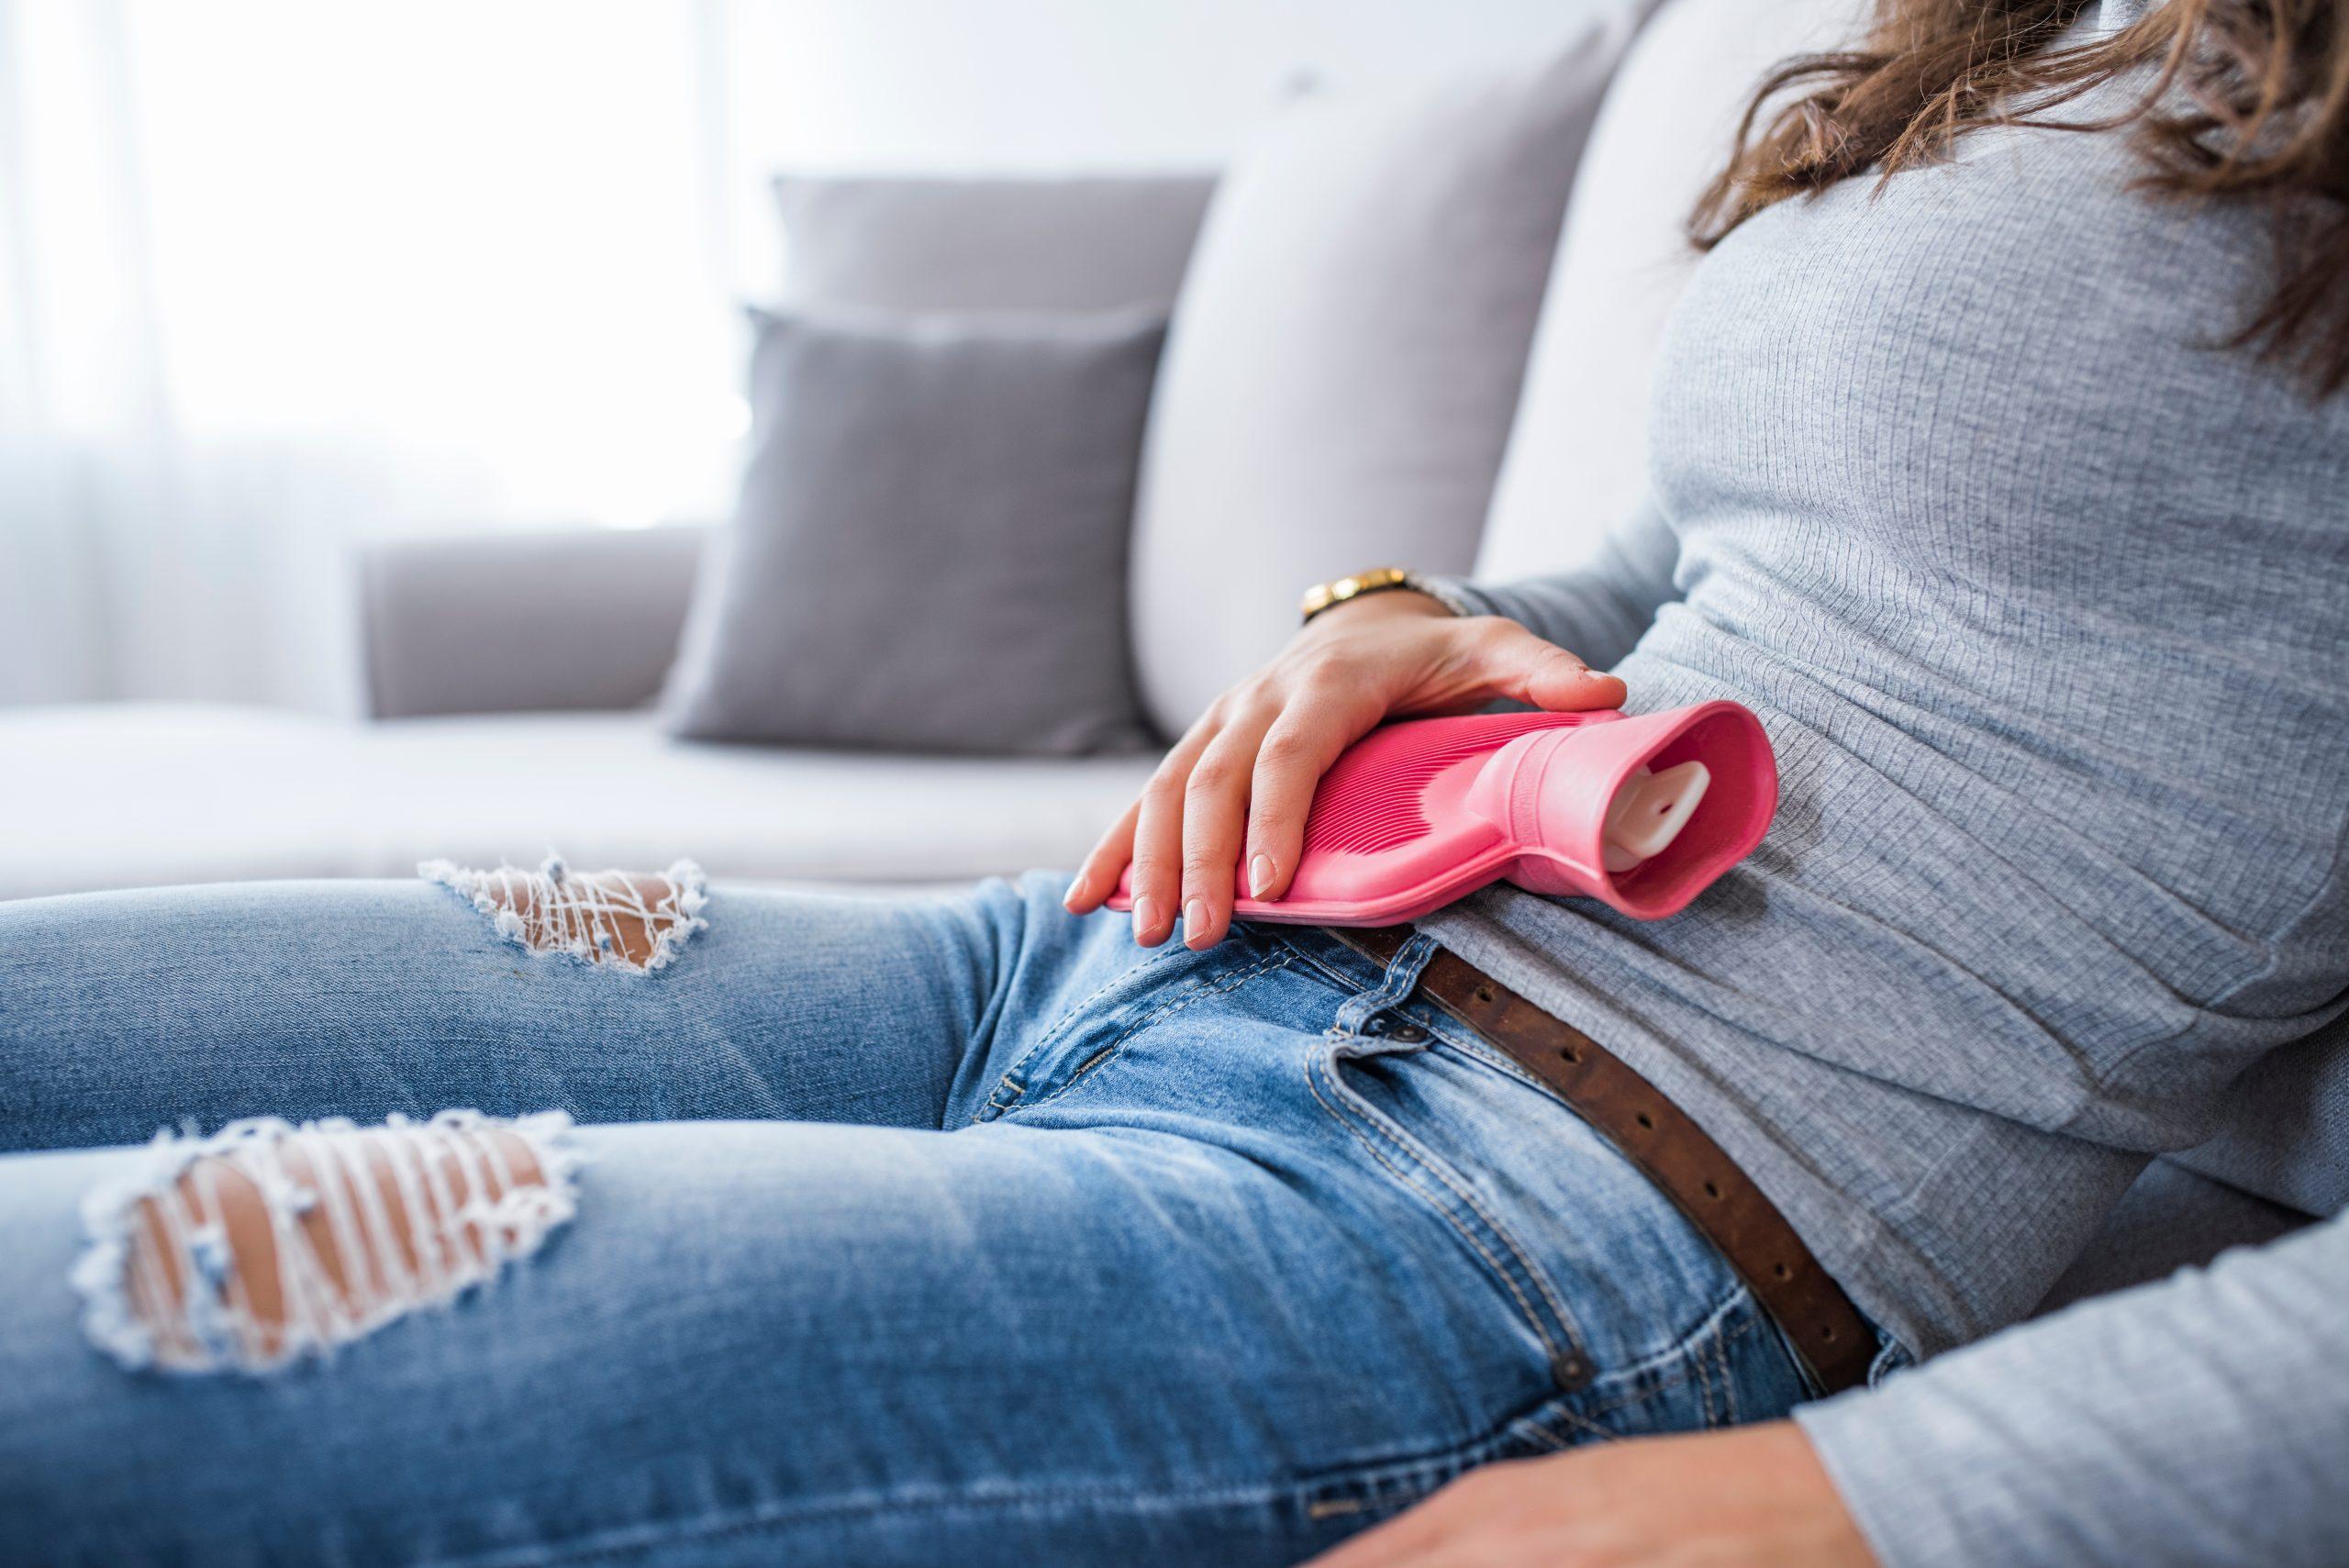 الدورة الشهرية بعد الإجهاض إليك ما يمكن توقعه حوامل